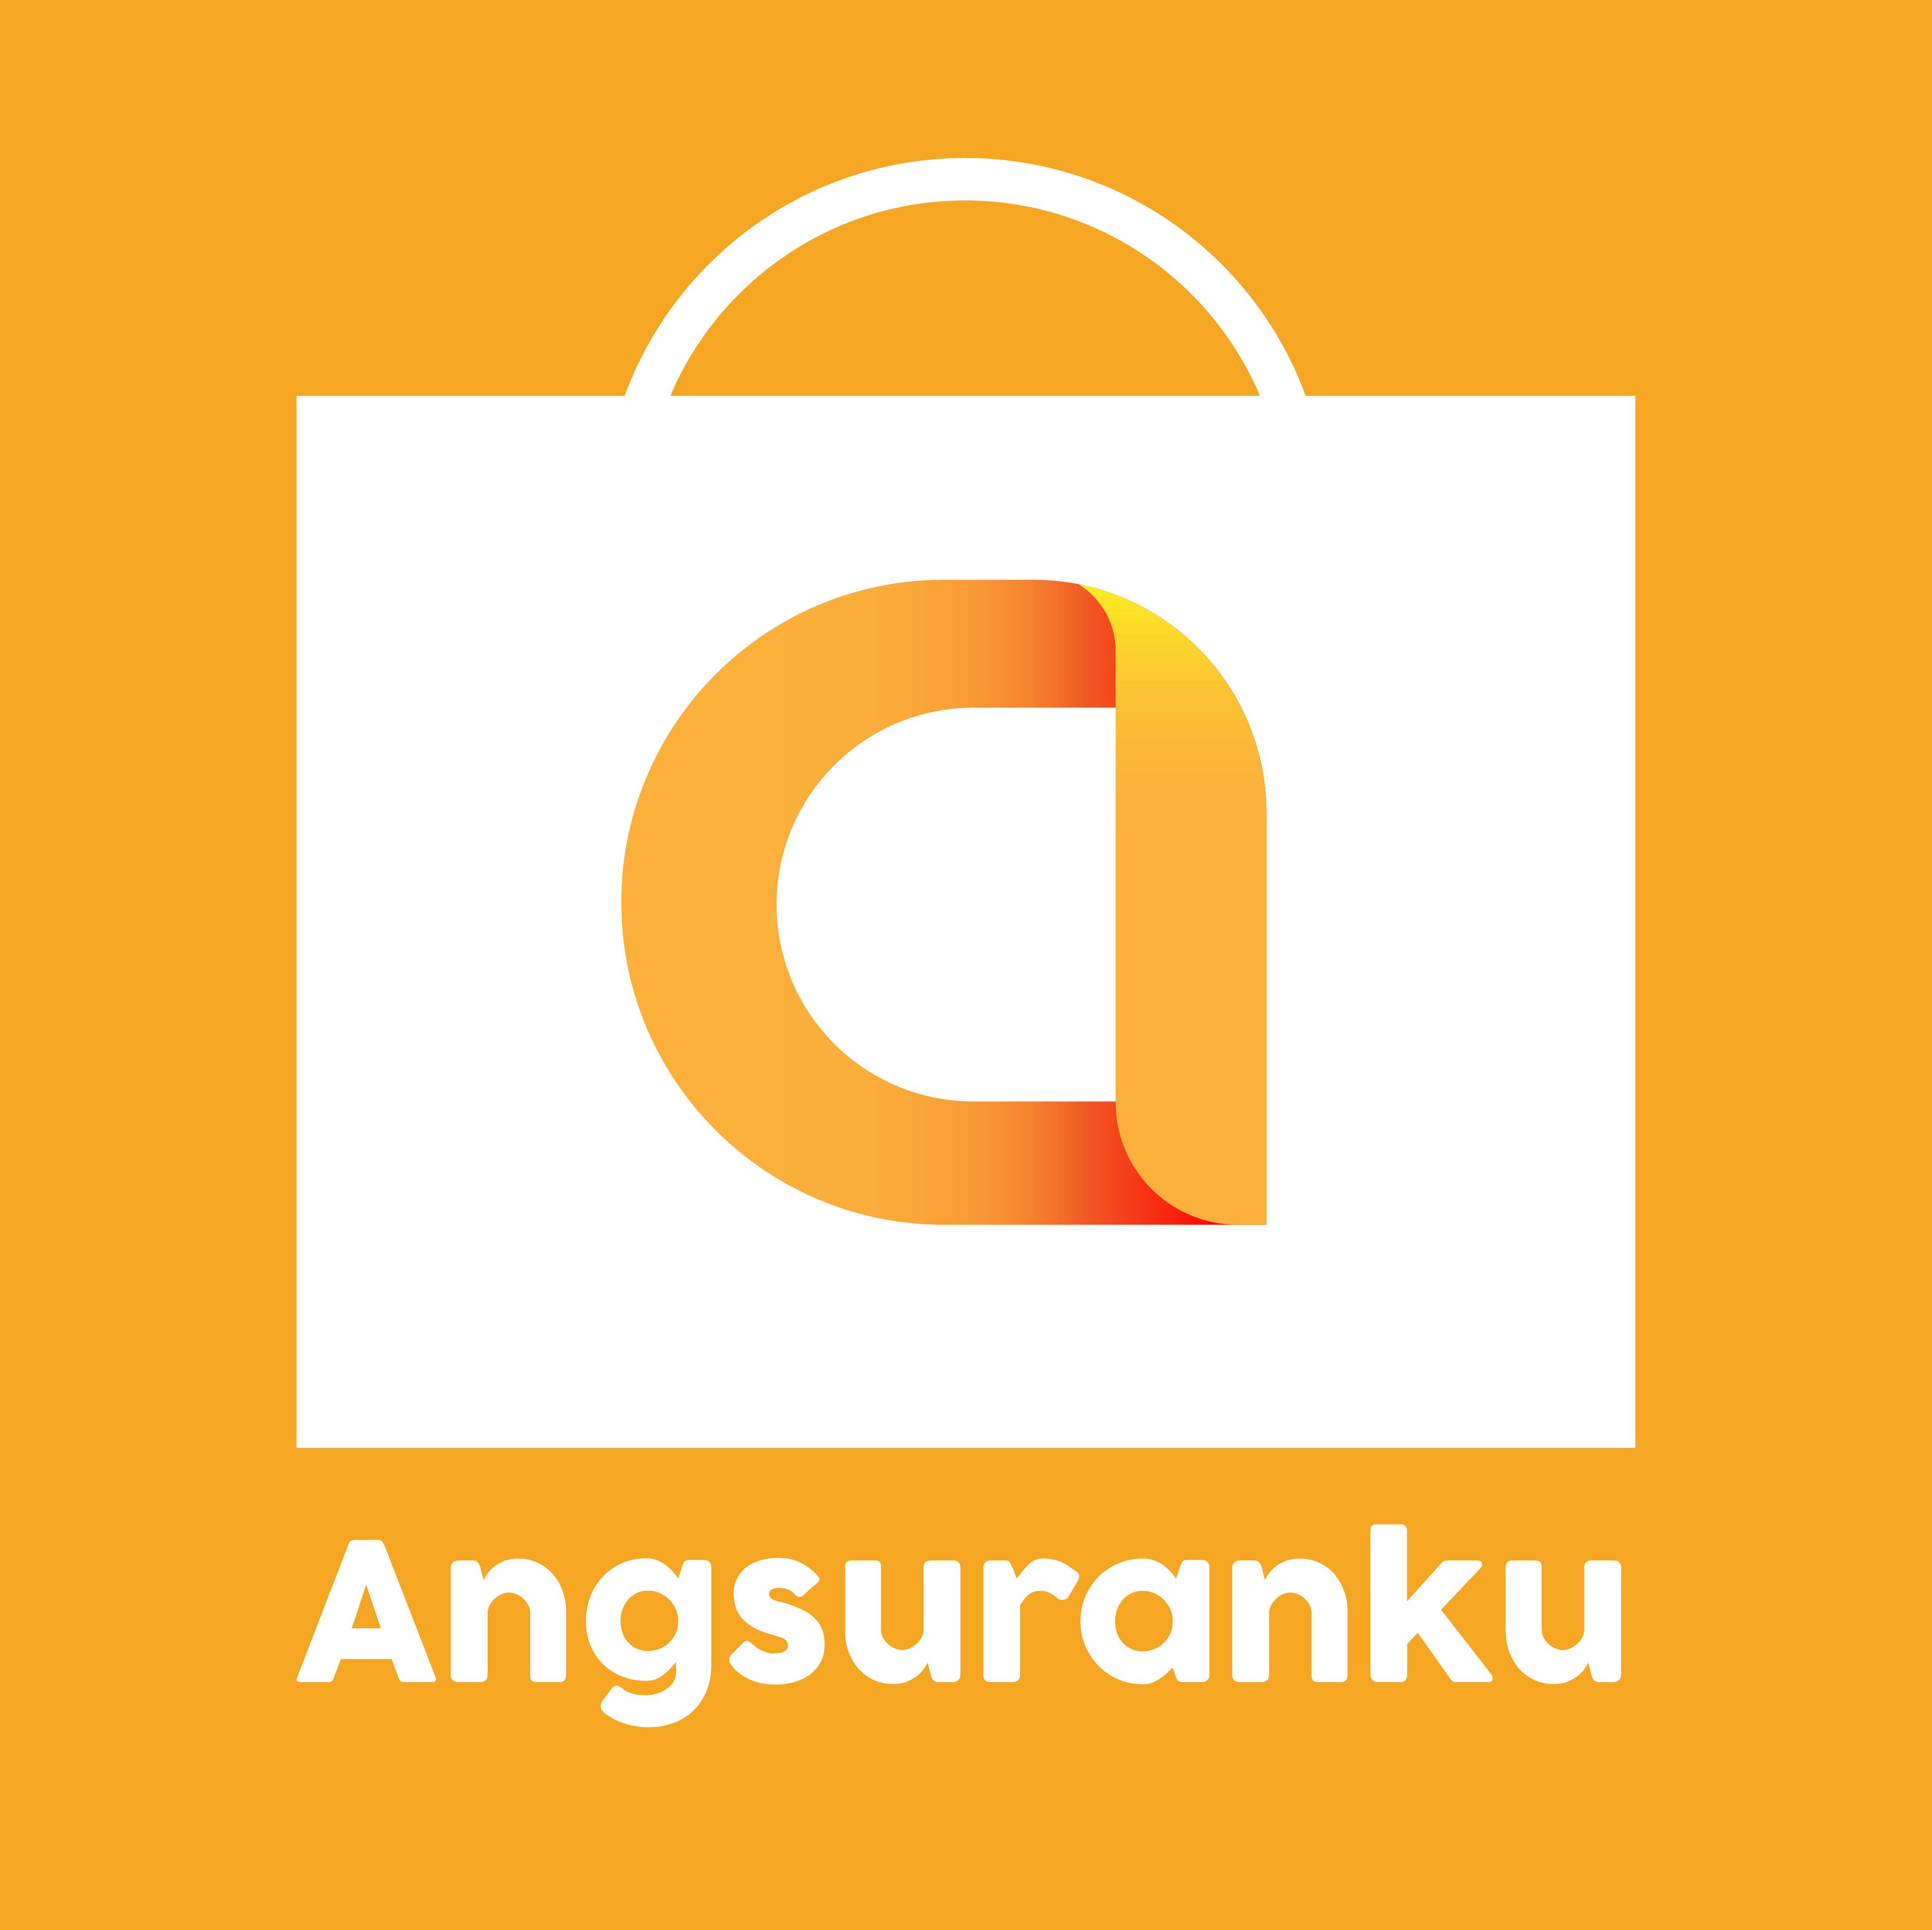 Angsuranku Indonesia